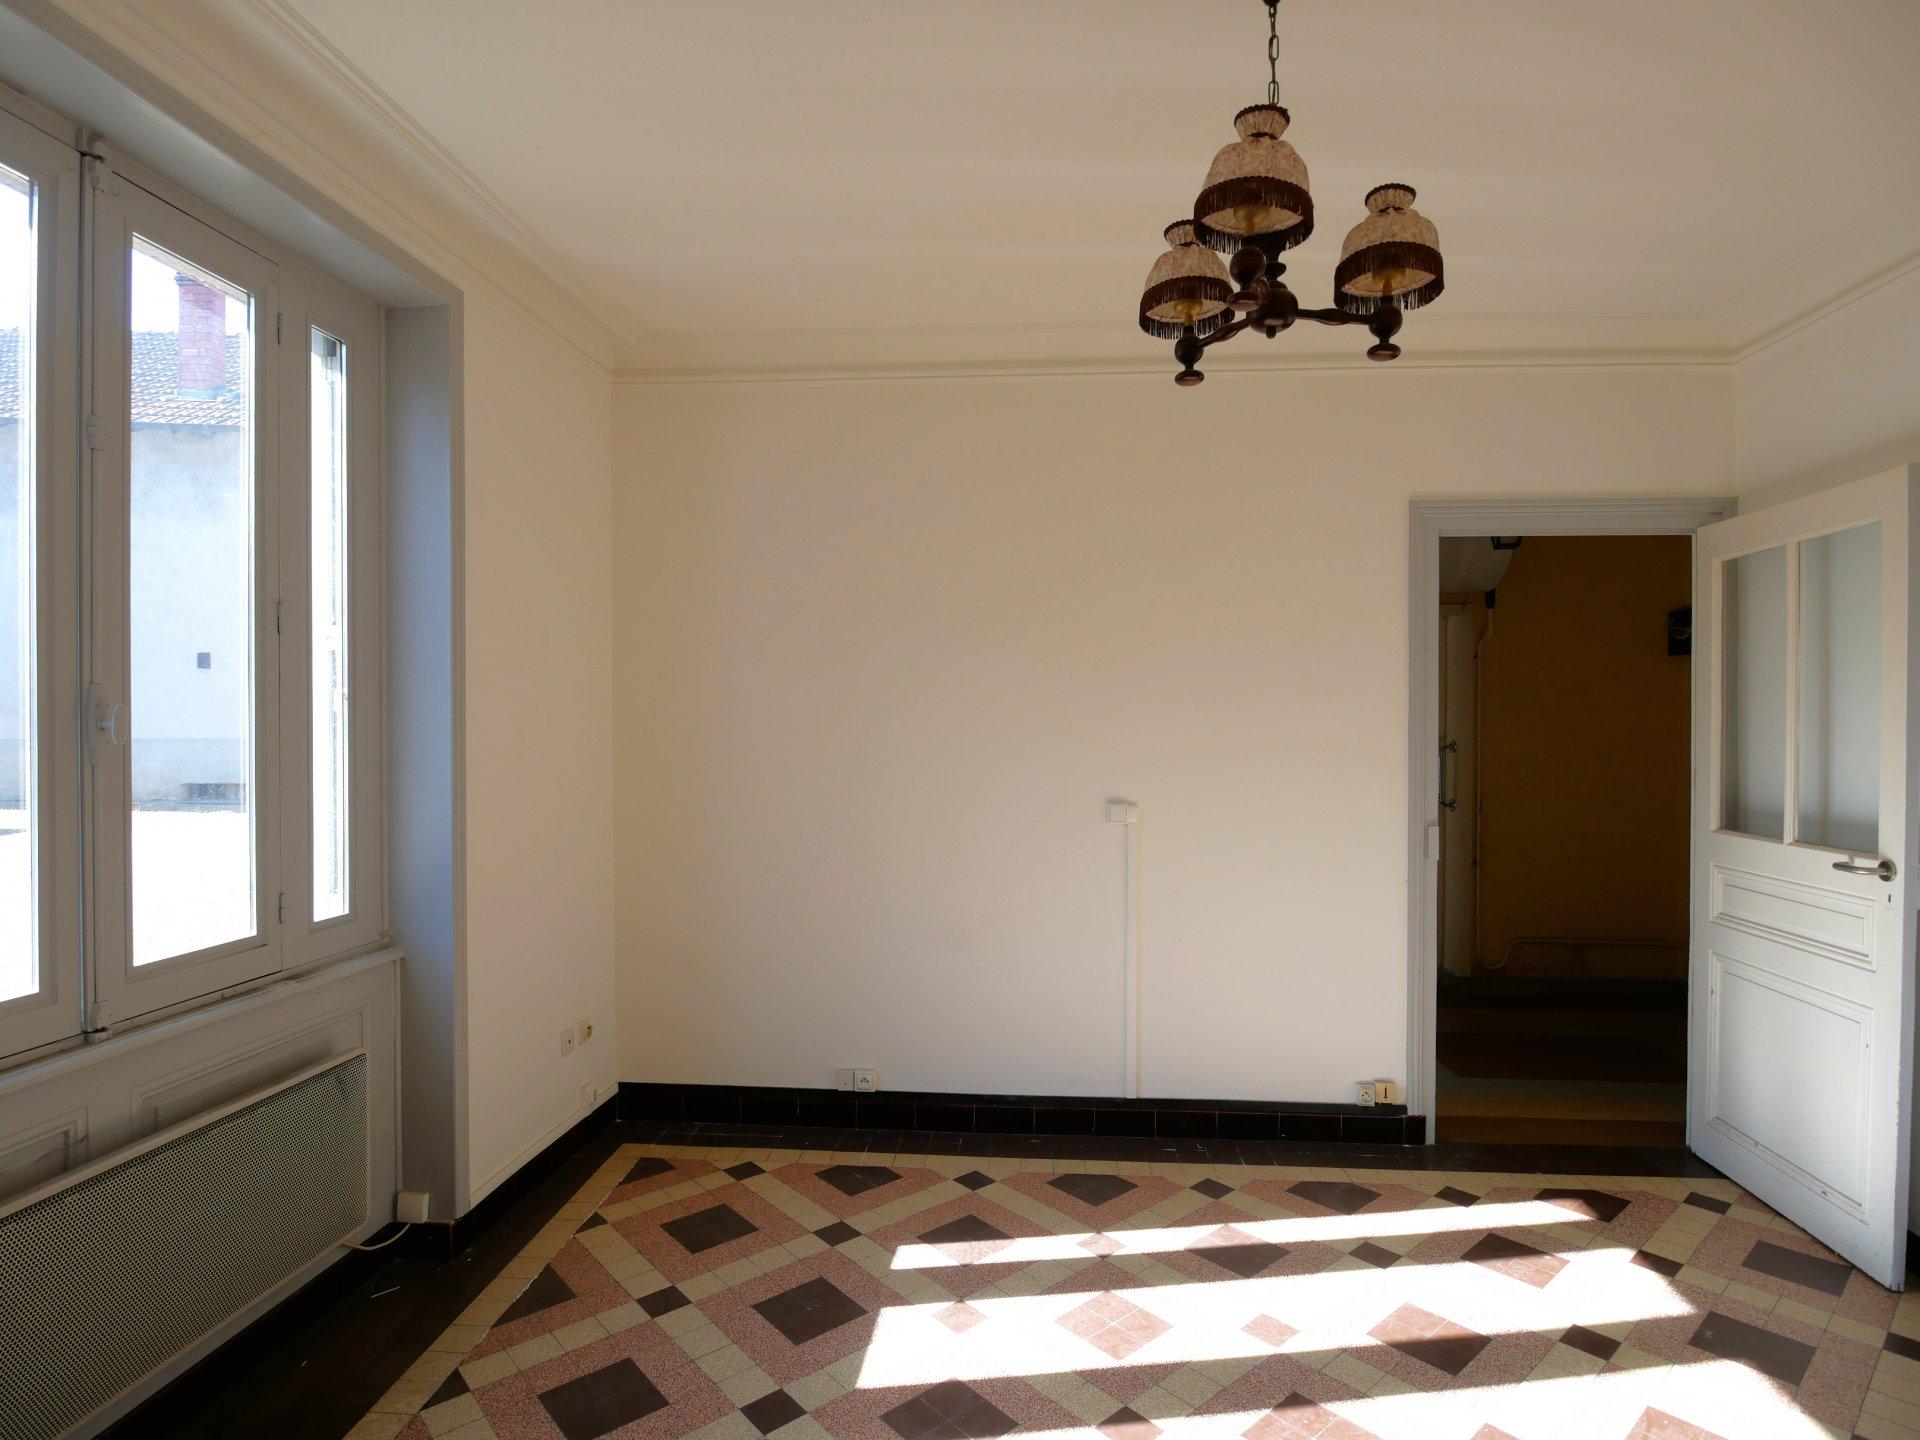 En plein c?ur du village de Manziat, à 15 mn de Mâcon, immeuble disposant d'un très beau potentiel.  D'une surface d'environ 320 m², il se compose actuellement de deux locaux commerciaux en rez de chaussée (un premier d'environ 40 m² actuellement loué et un second d'environ 75 m² libre), d'un appartement d'environ 90 m² avec grenier aménageable et d'un duplex d'environ 120 m² composé de 6 pièces.  Travaux à prévoir mais beau potentiel d'exploitation.  Cet immeuble donne sur une cour d'environ 230 m² avec abris voiture. A visiter ! Honoraires à la charge des vendeurs.